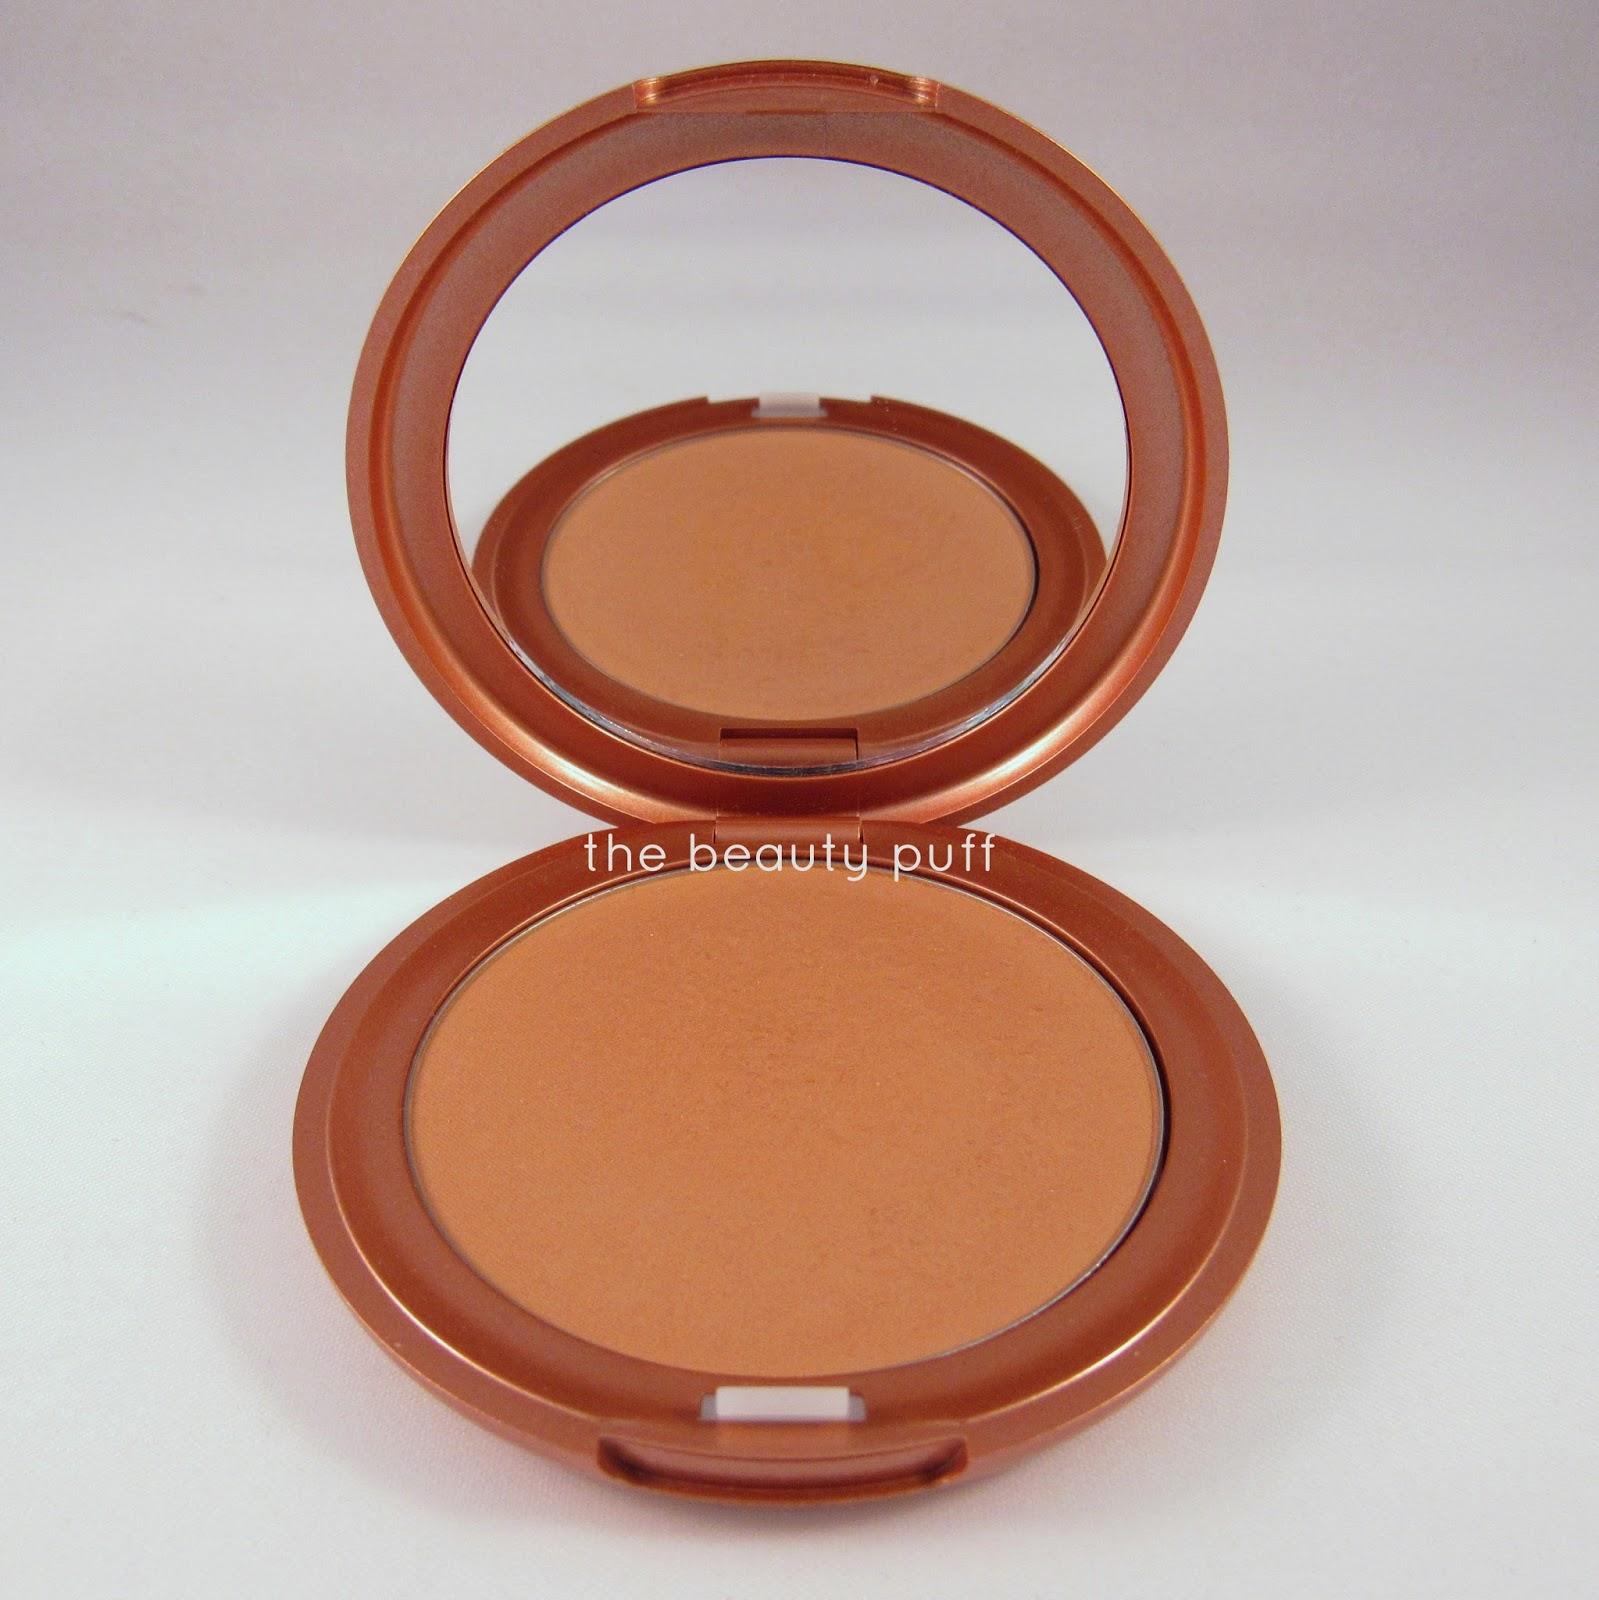 stila sun bronzer shade 1 - the beauty puff